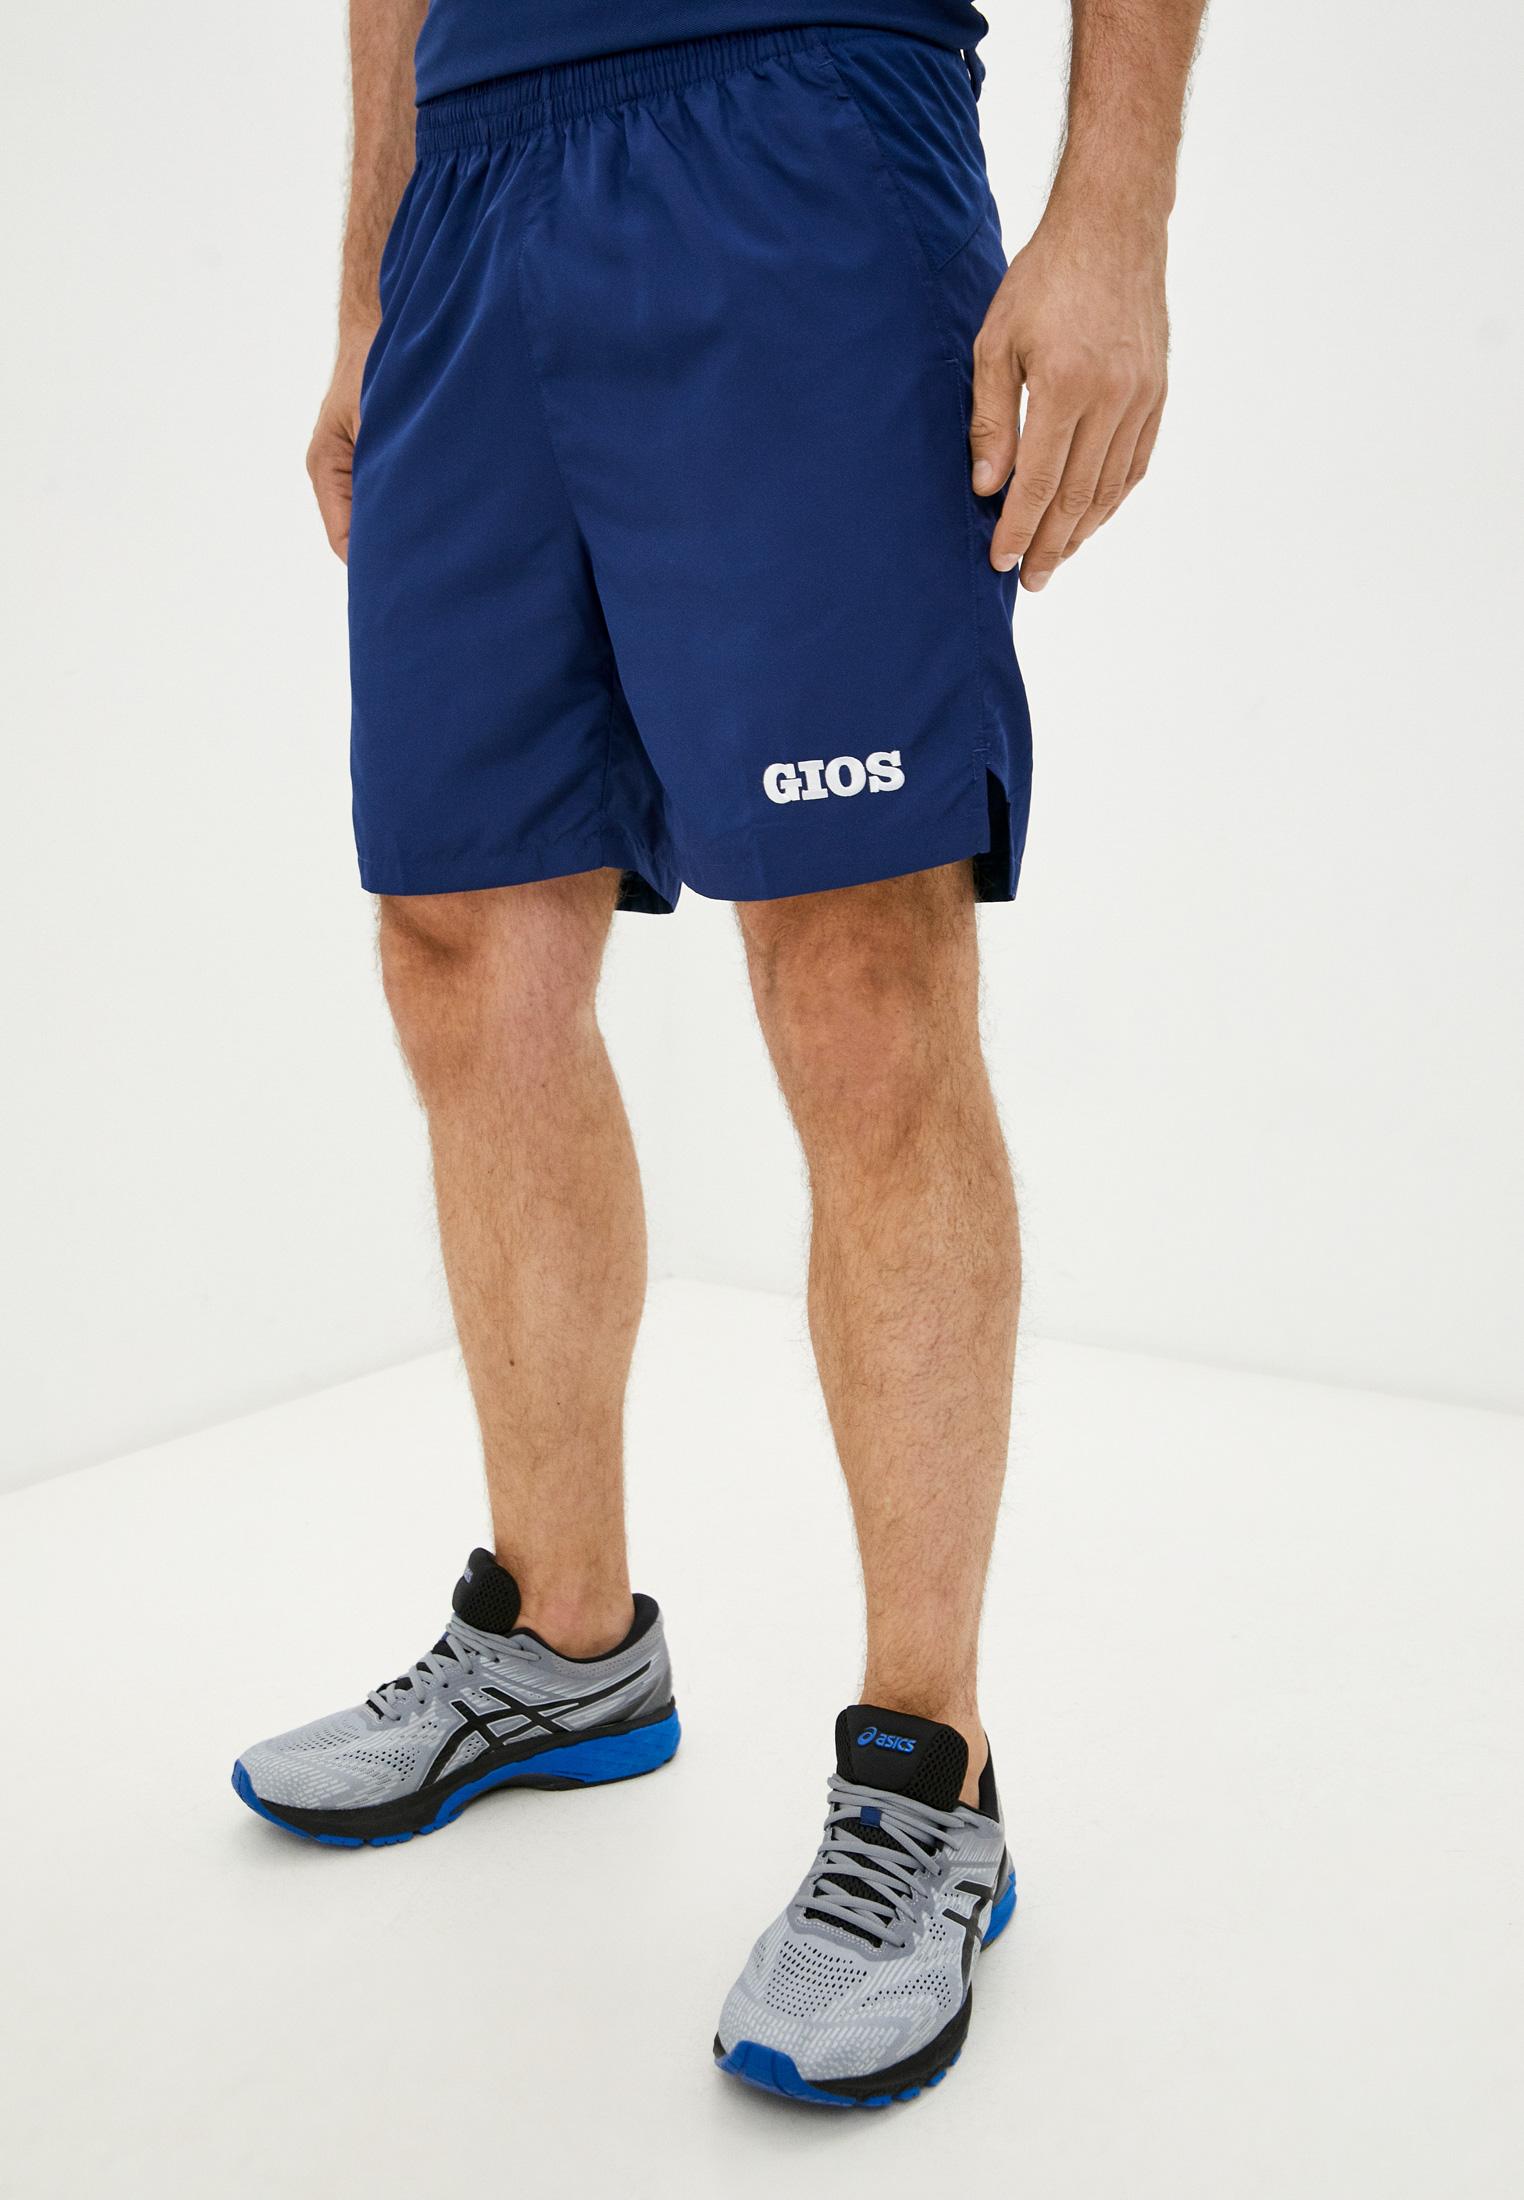 Мужские спортивные шорты Gios Шорты спортивные Gios